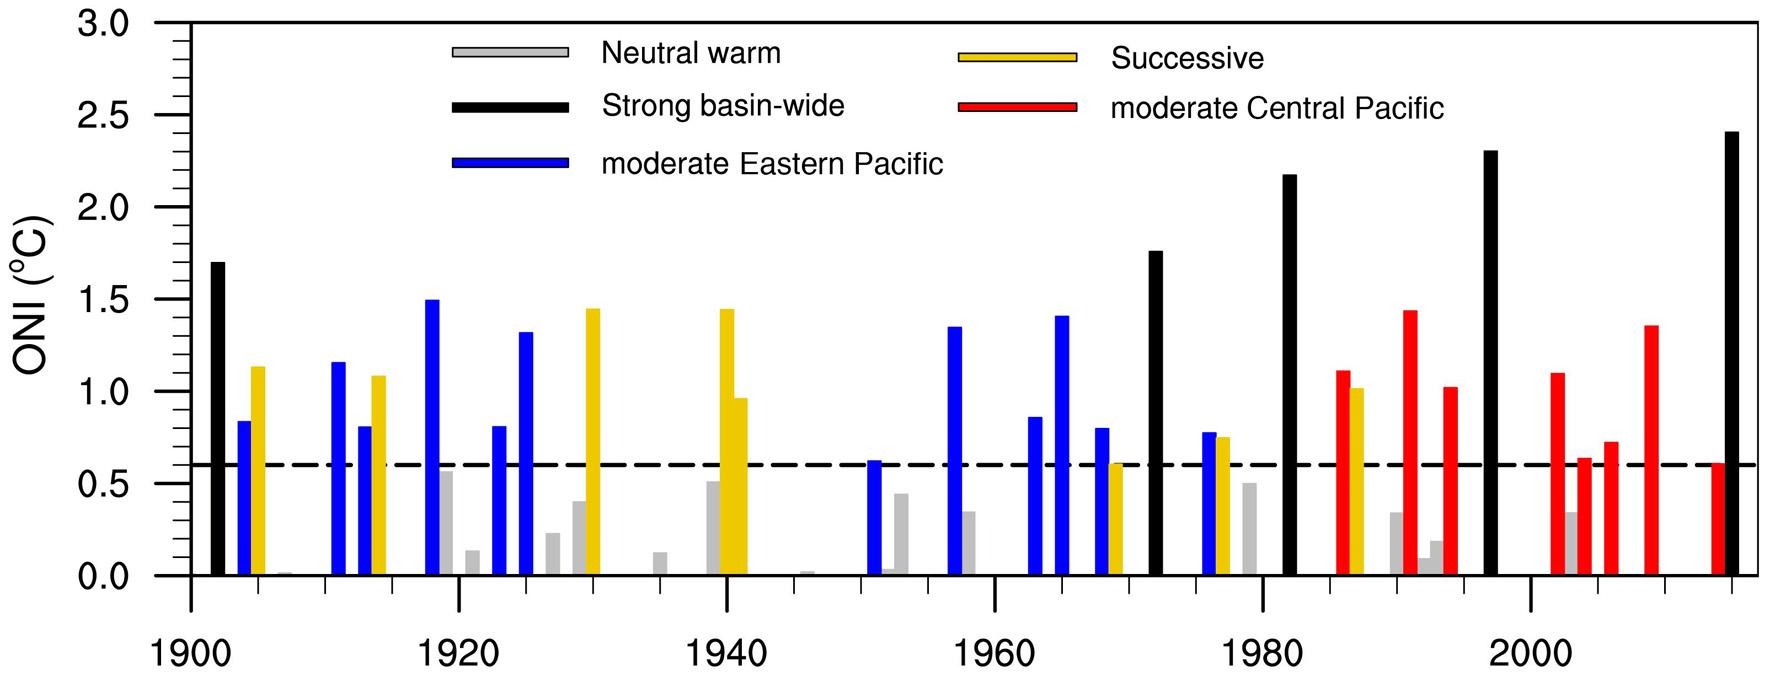 Tipos El Niño (codificados por cor pela localização e força do início) de 1901 a 2017.